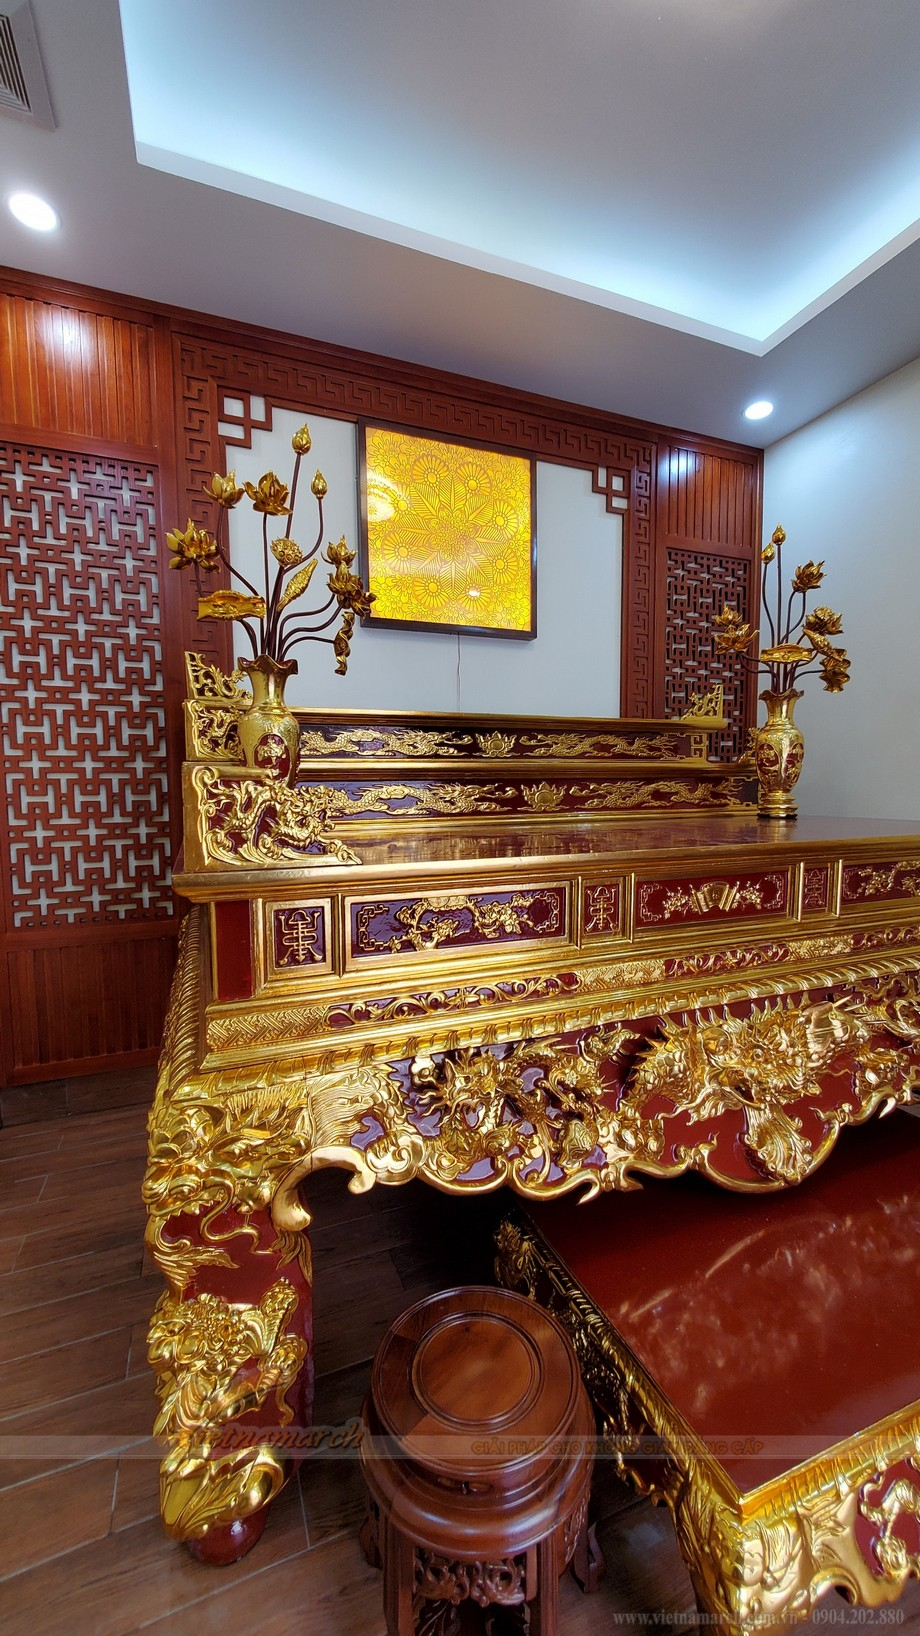 Lắp đặt bàn thờ sơn son thếp vàng gỗ mít cho văn phòng Công ty giáo dục Thăng Long Kidsmart